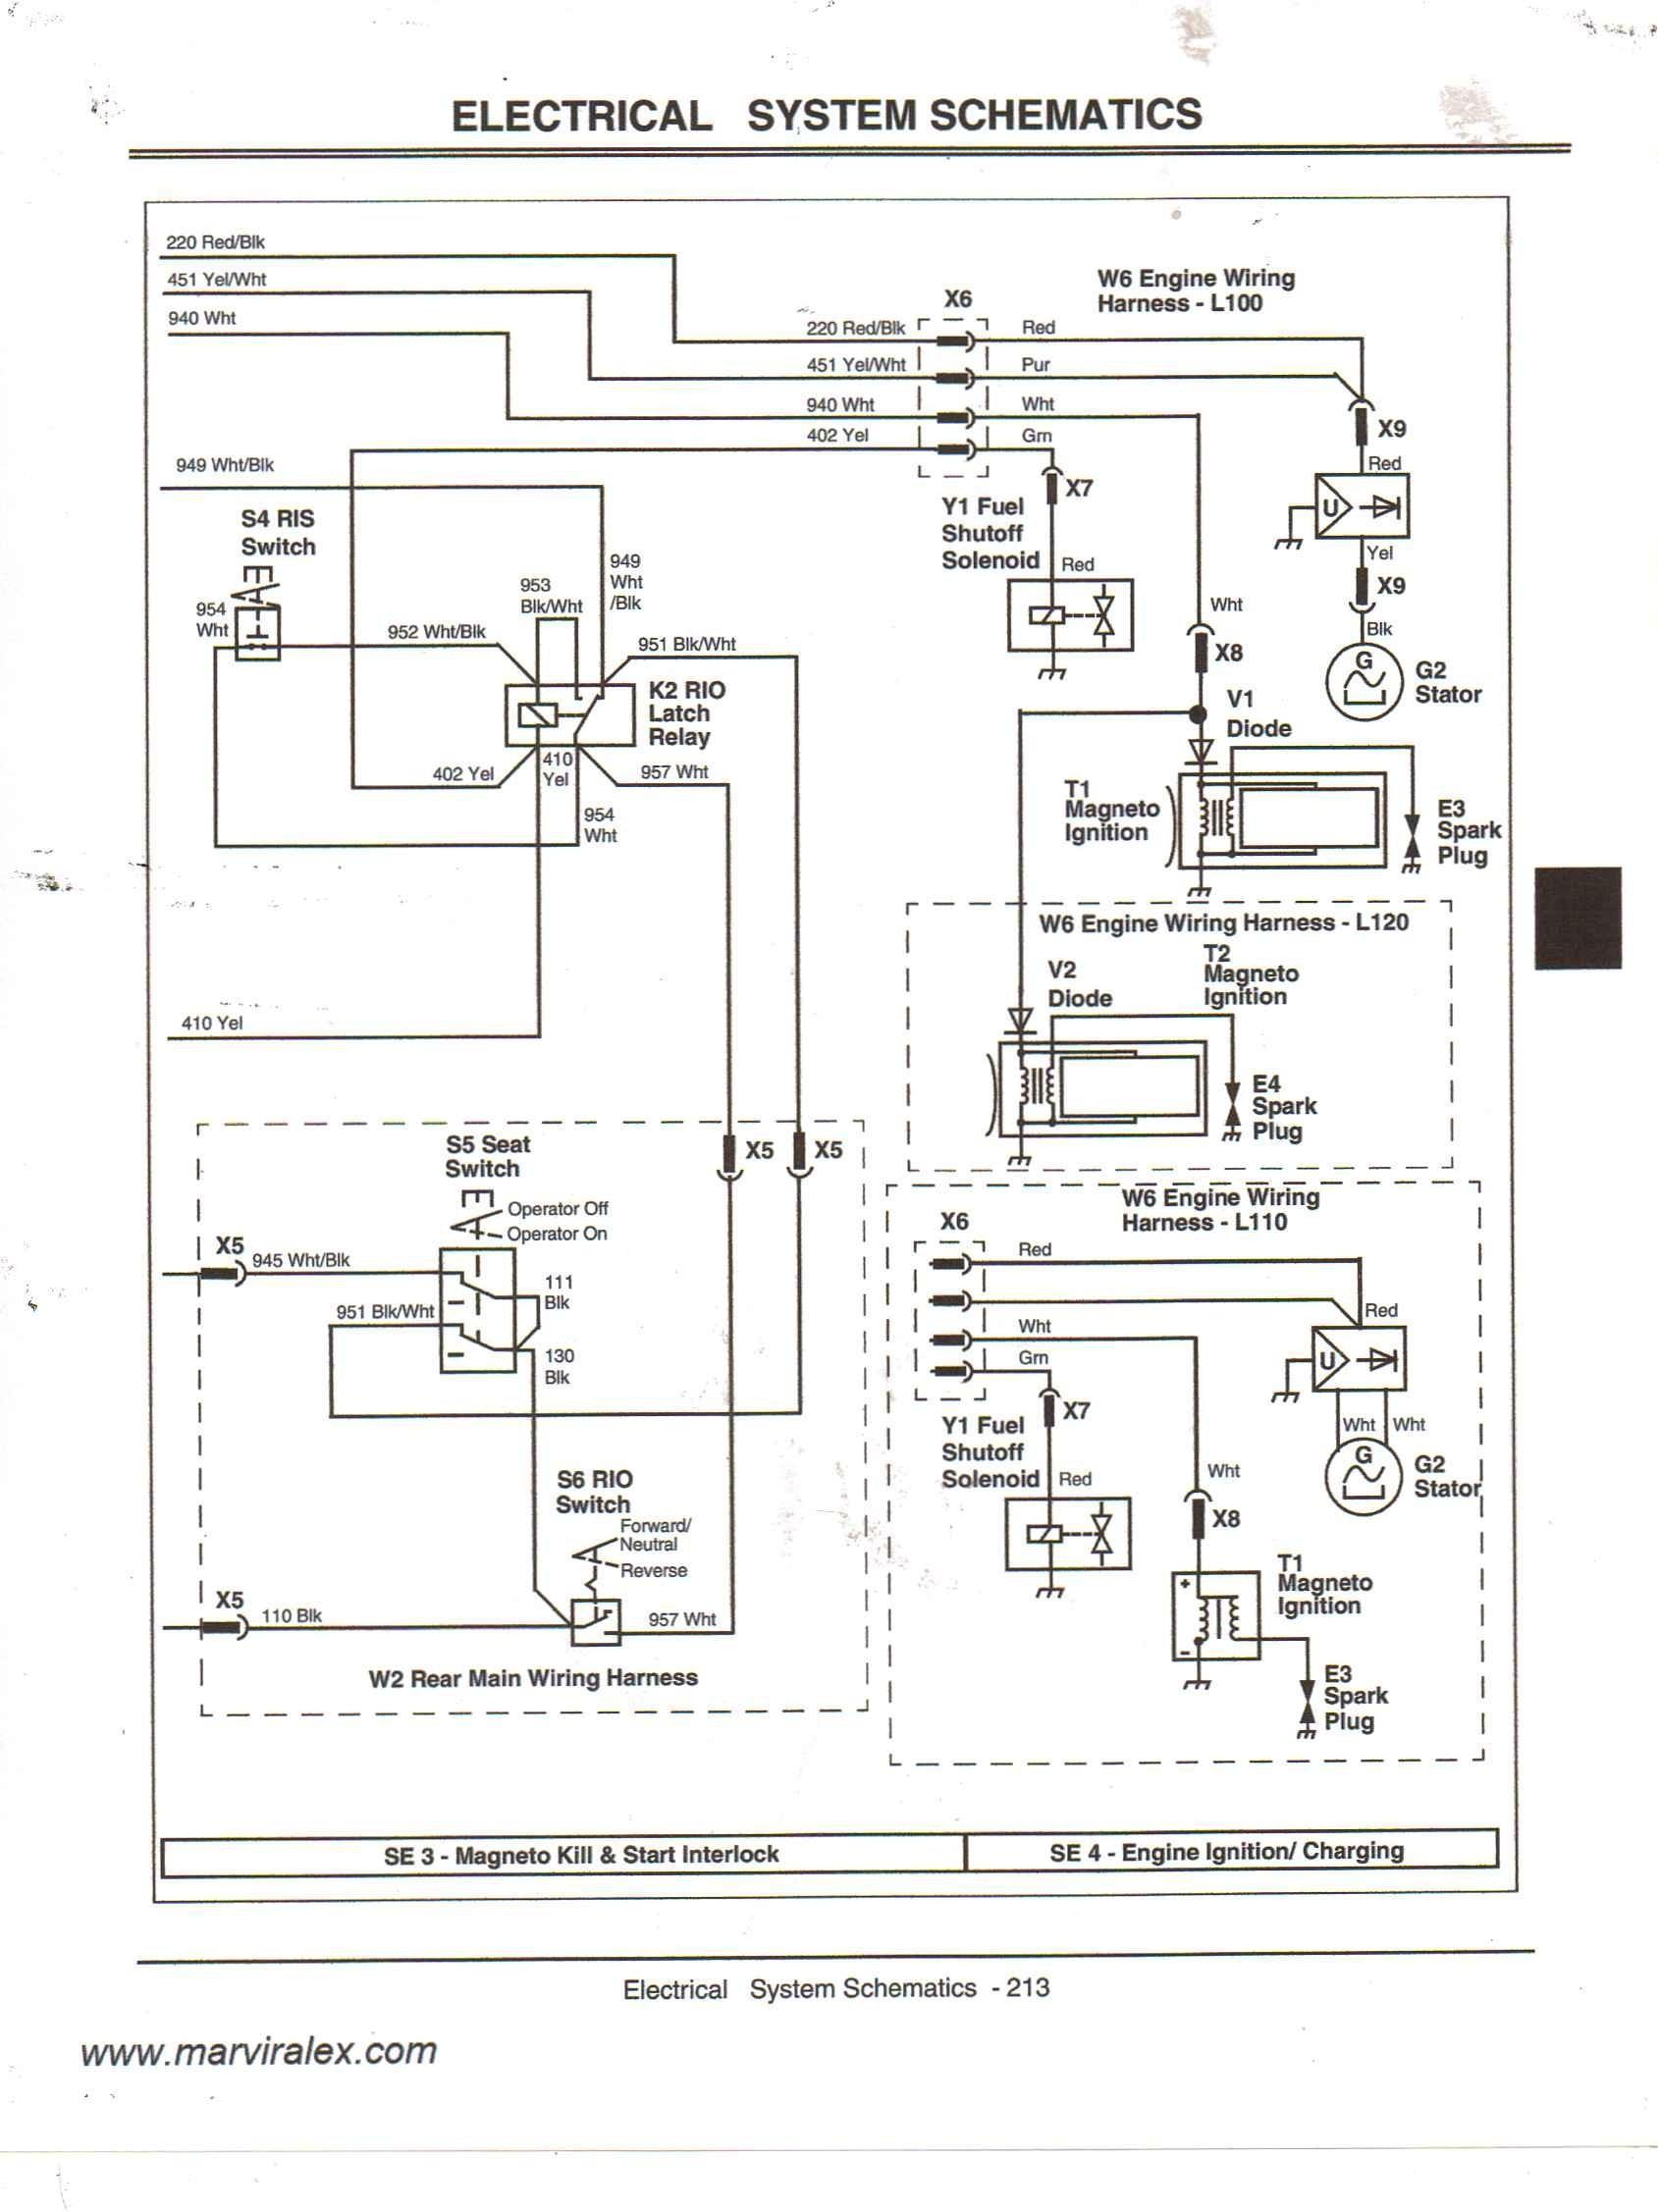 John Deere Lt133 Wiring Diagram | Wiring Diagram - John Deere Lt133 Wiring Diagram